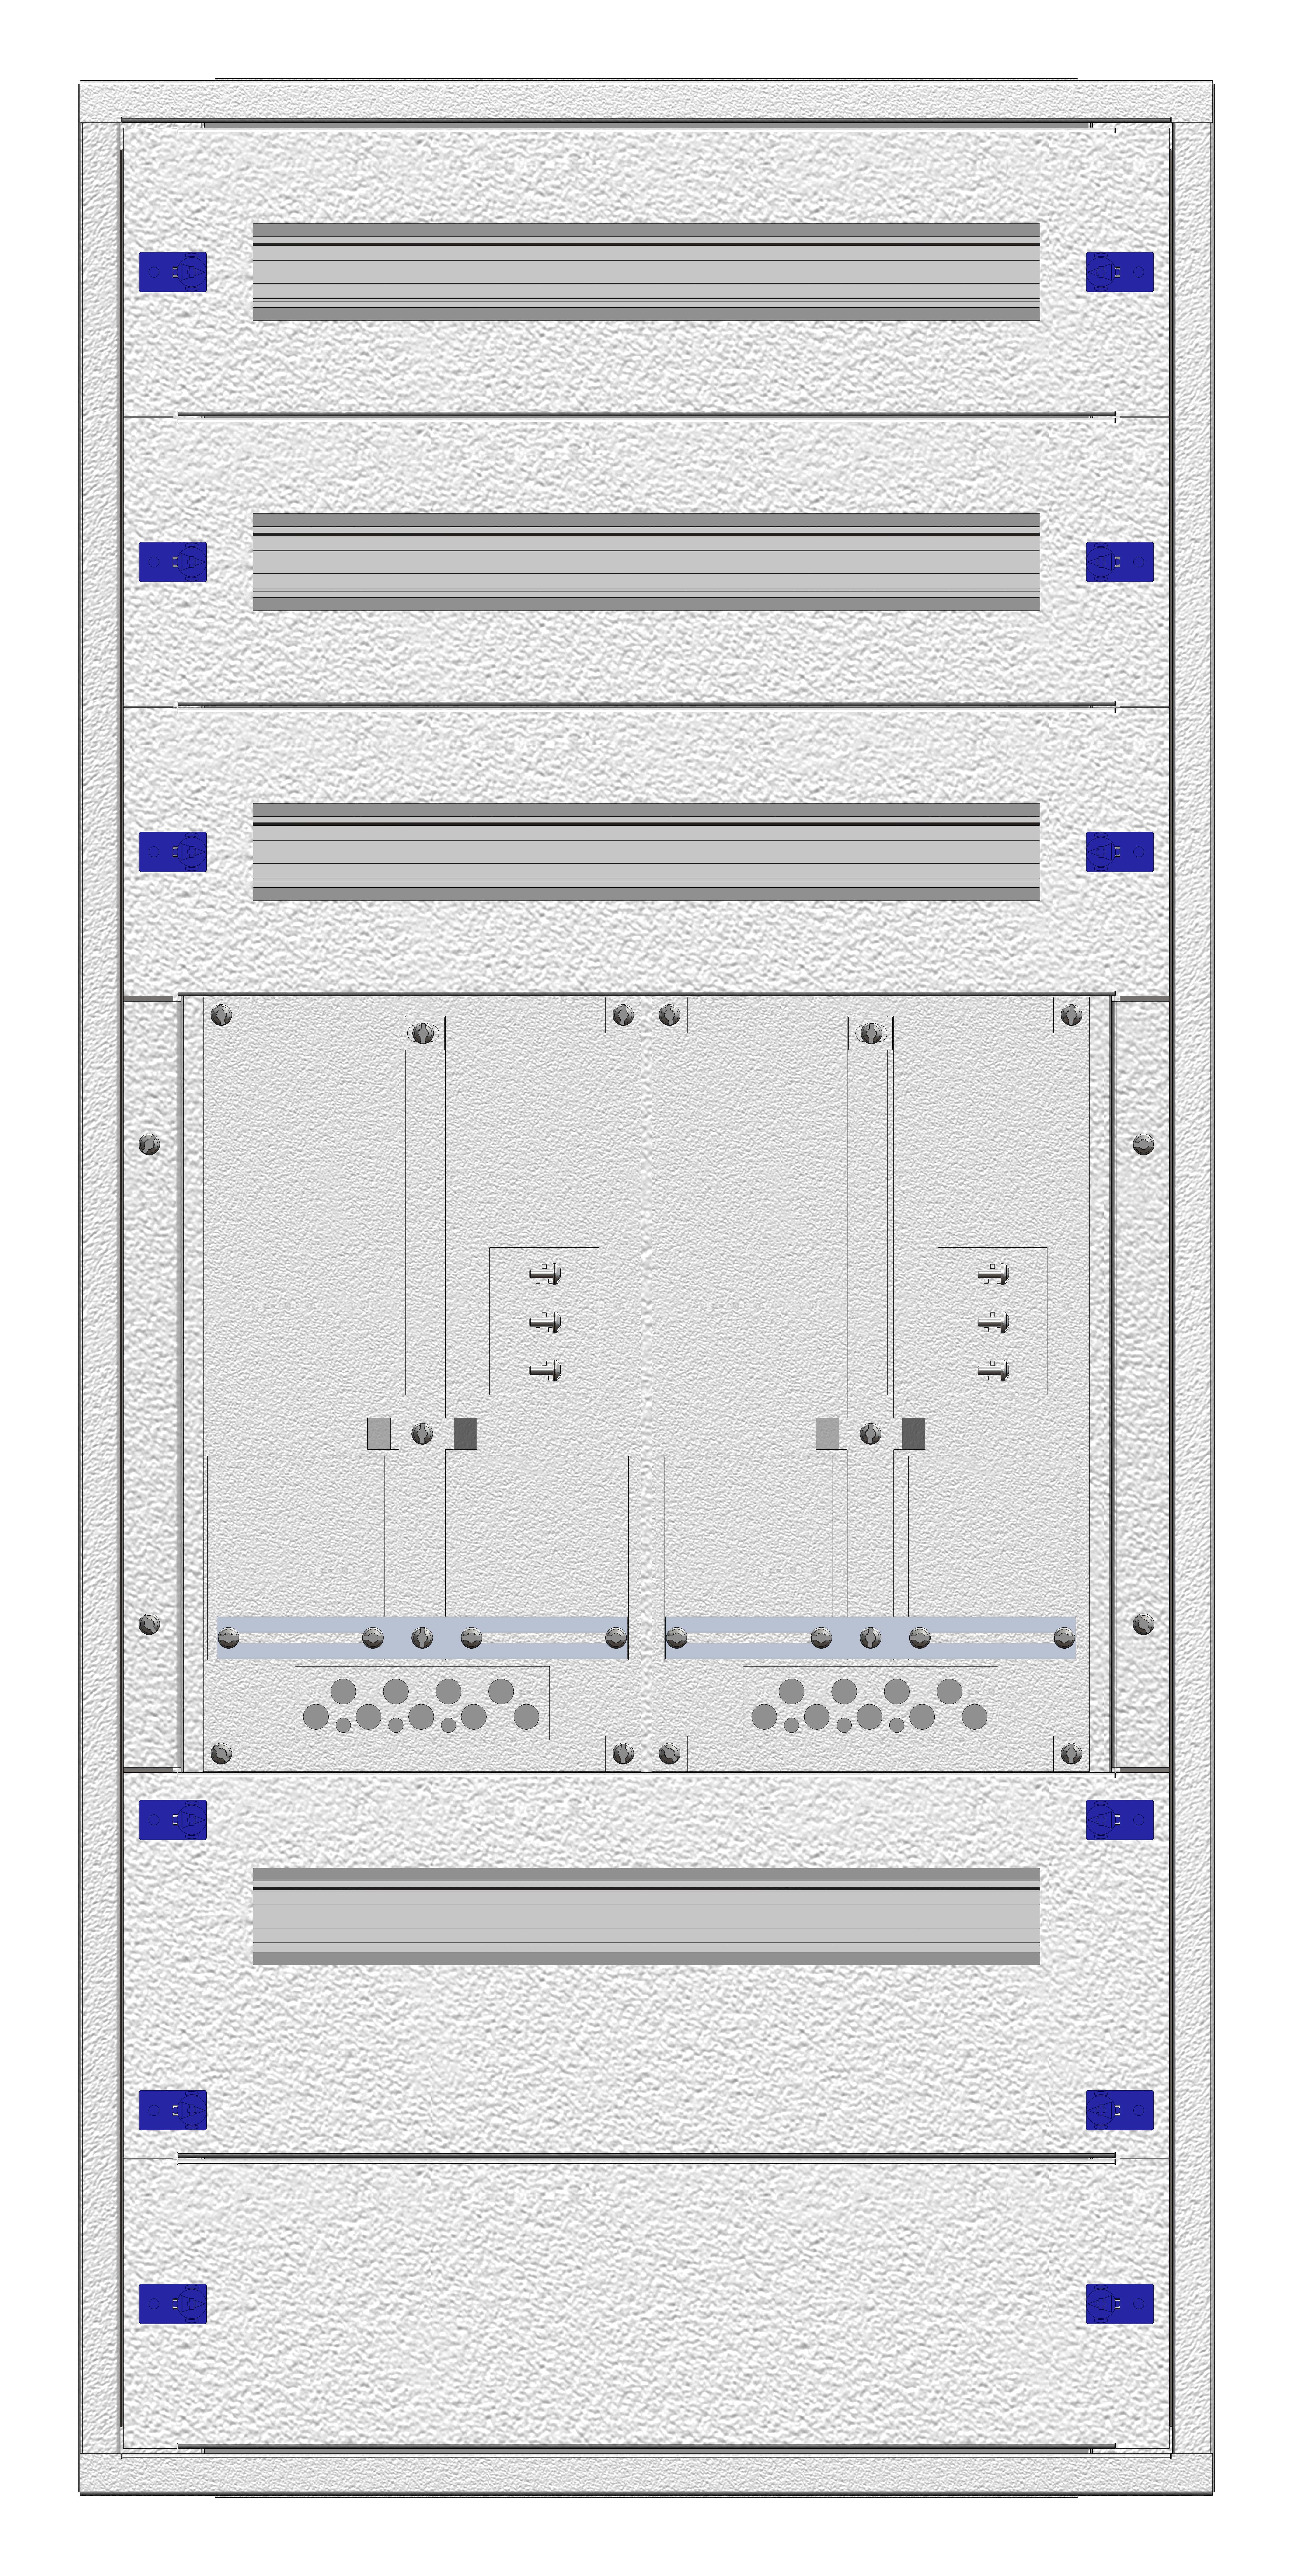 1 Stk Aufputz-Zählerverteiler 2A-24E/WIEN 2ZP, H1195B590T250mm IL160224WS